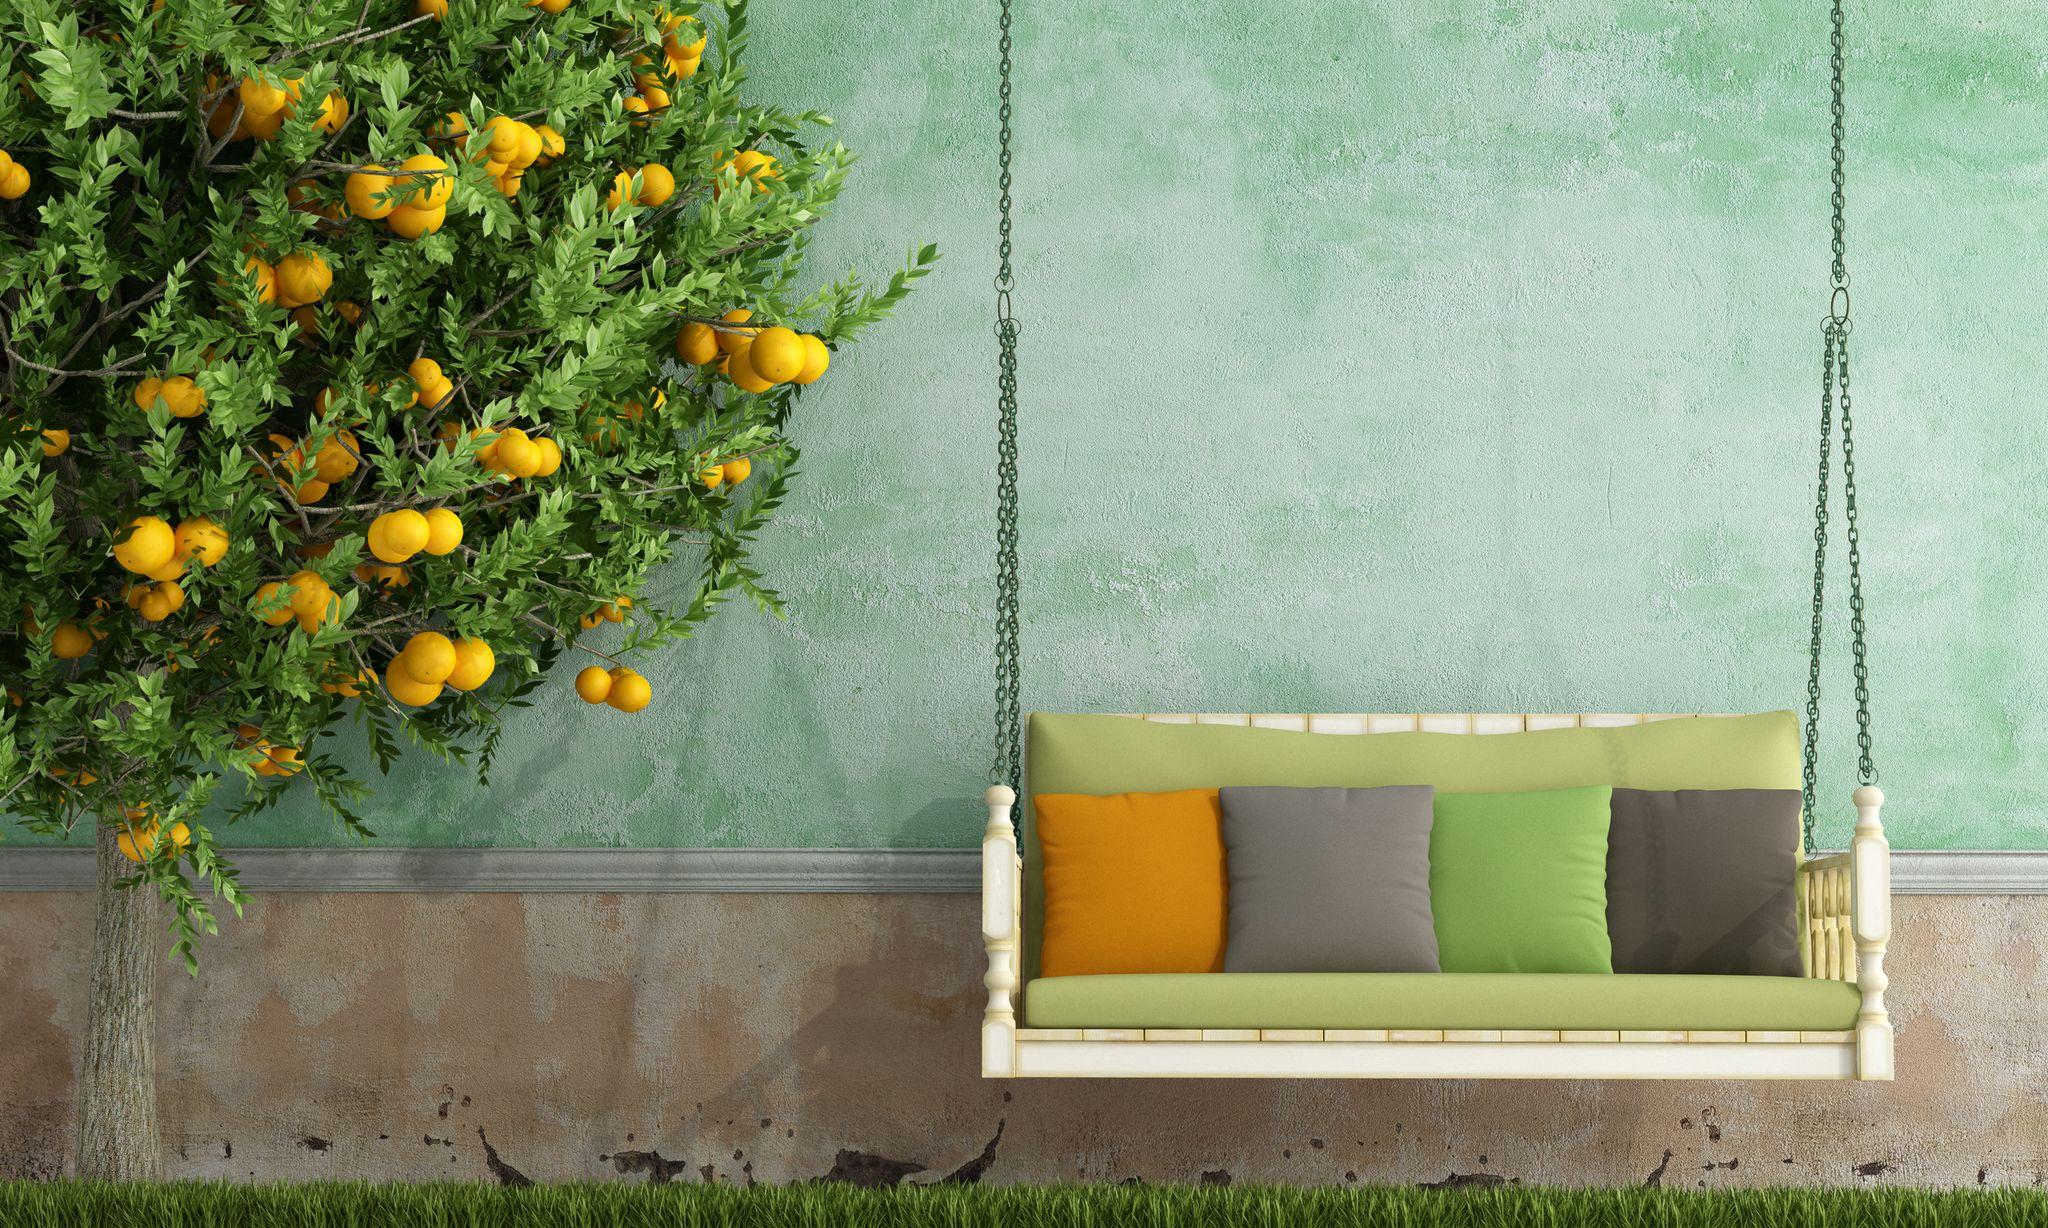 Balançoire pour jardin, choisir le meilleur ?